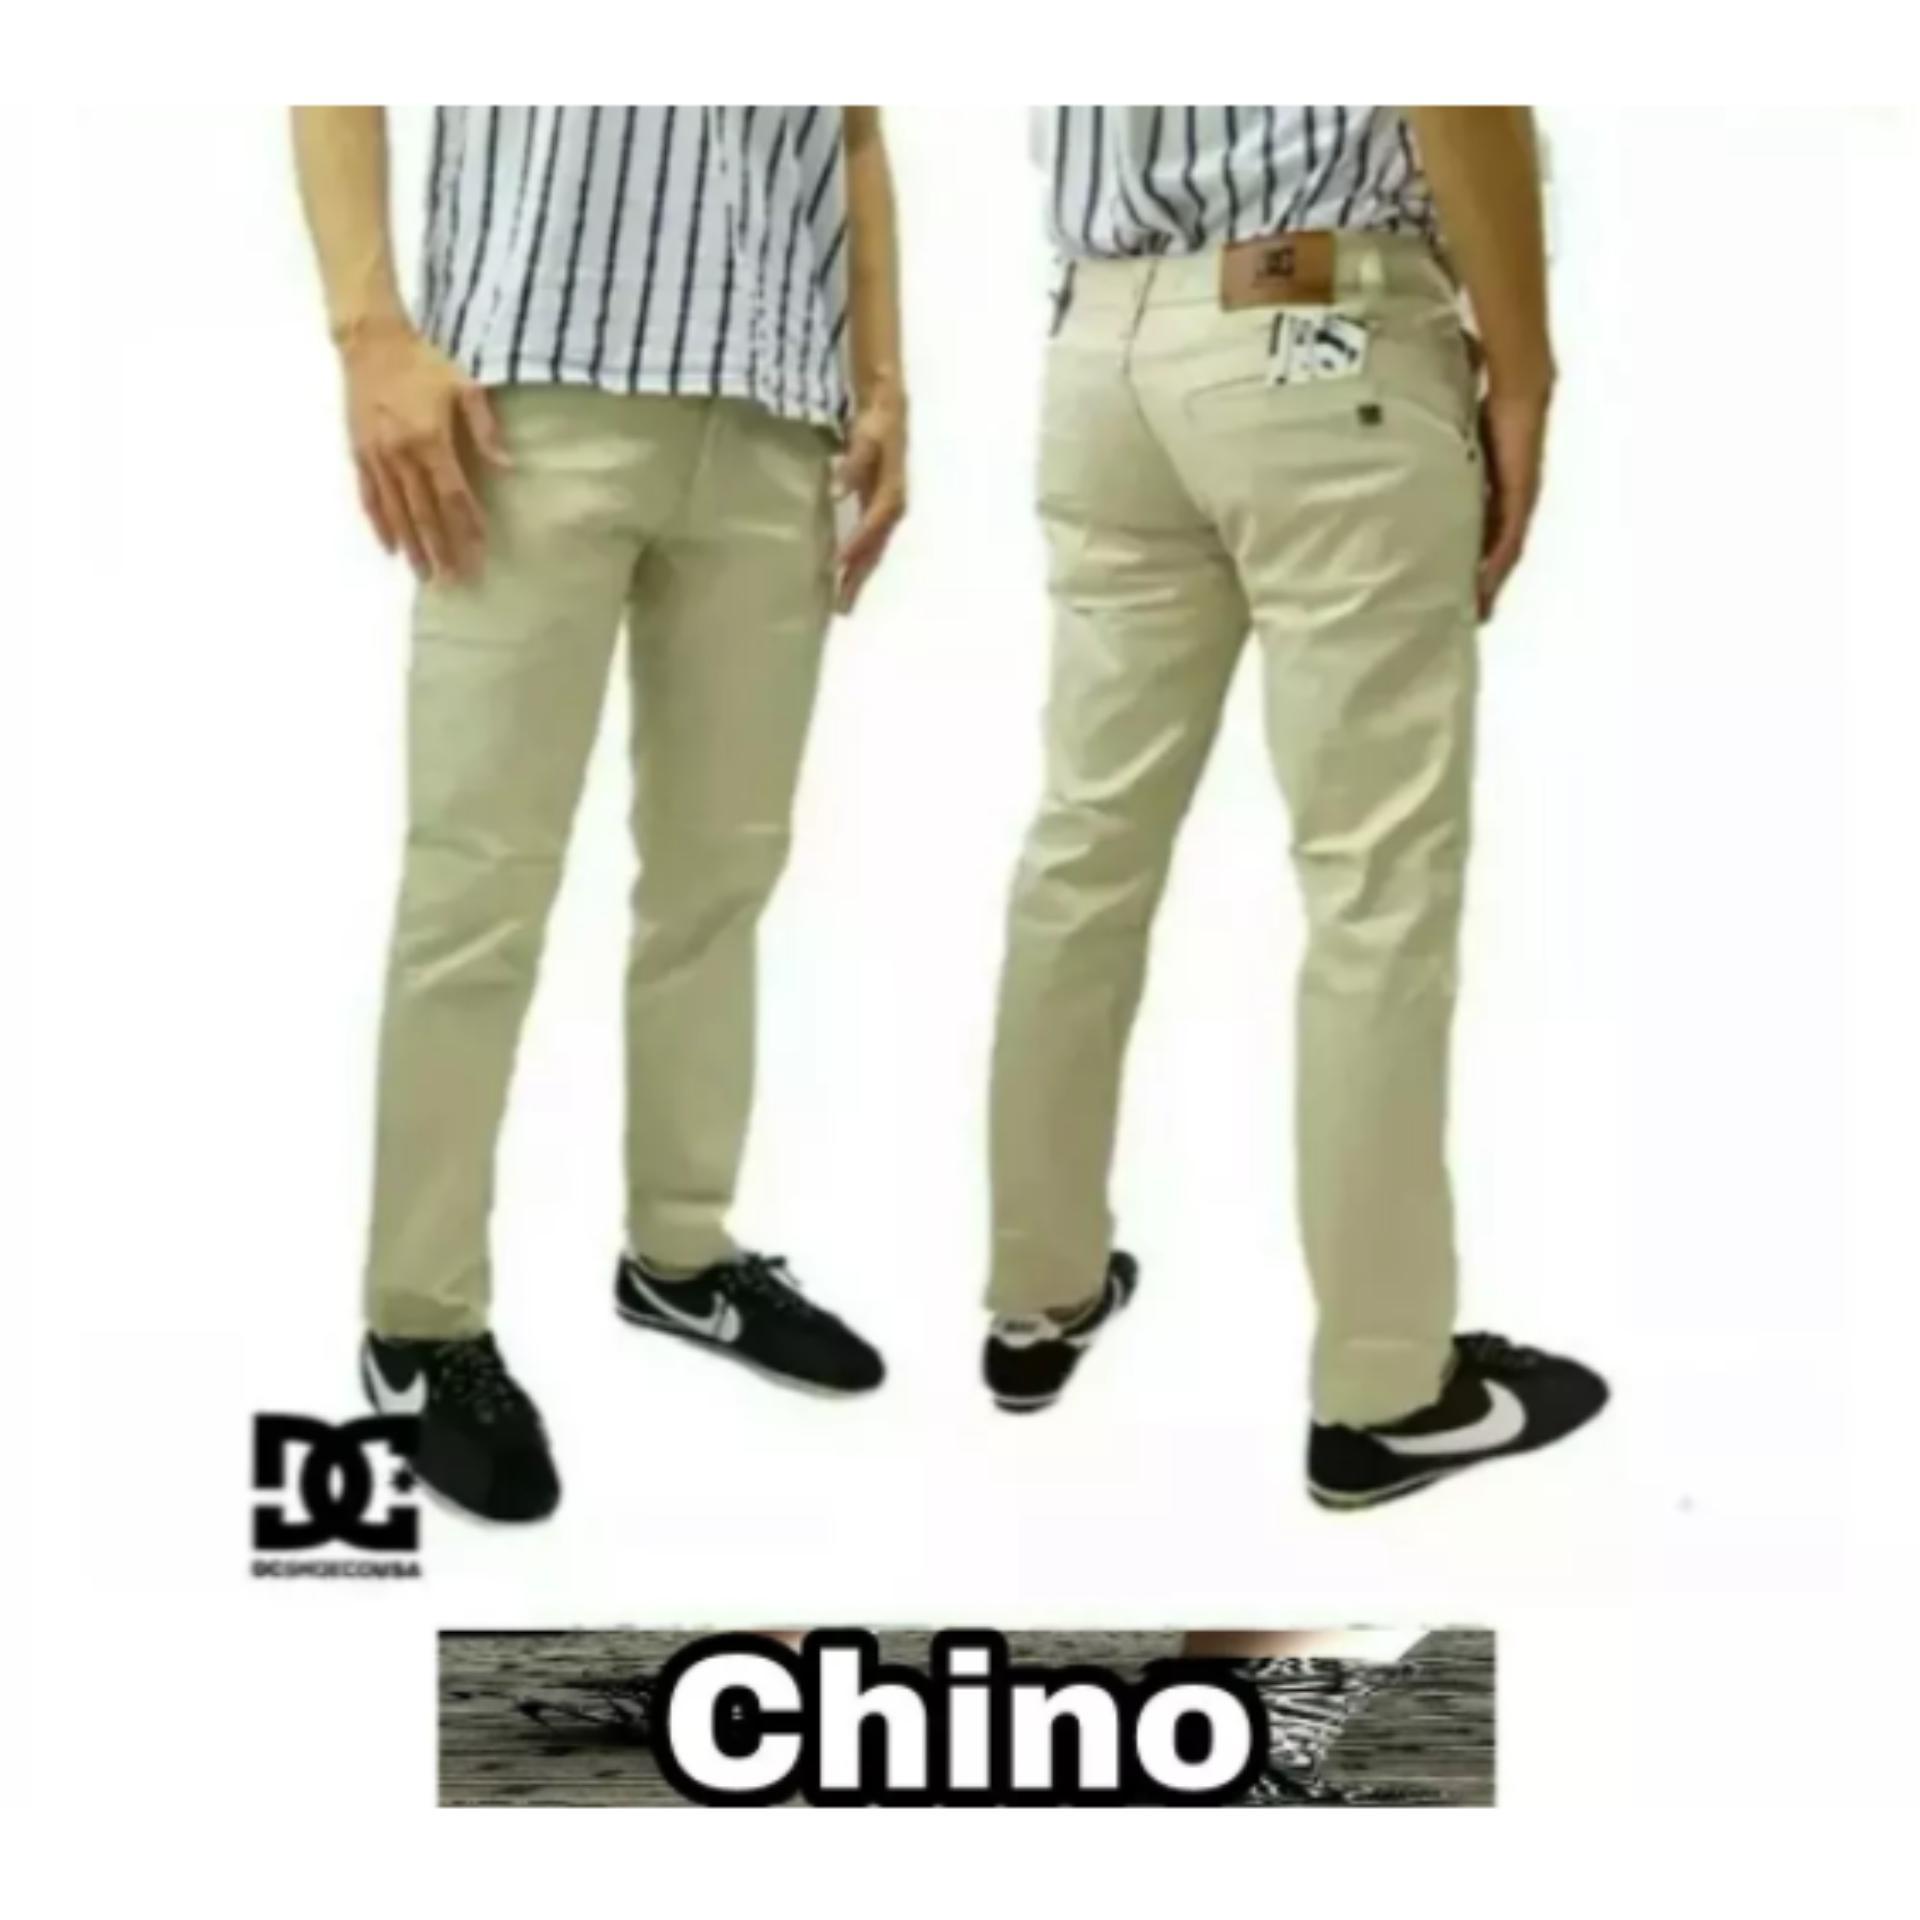 Celana Murah Chino Panjang Coklat Muda Daftar Update Harga Terbaru Lois Jeans Original Pria Cfsk001b Cokelat Tua 30 Fashion Size 27 28 29 31 32 33 34 Hitam Cream